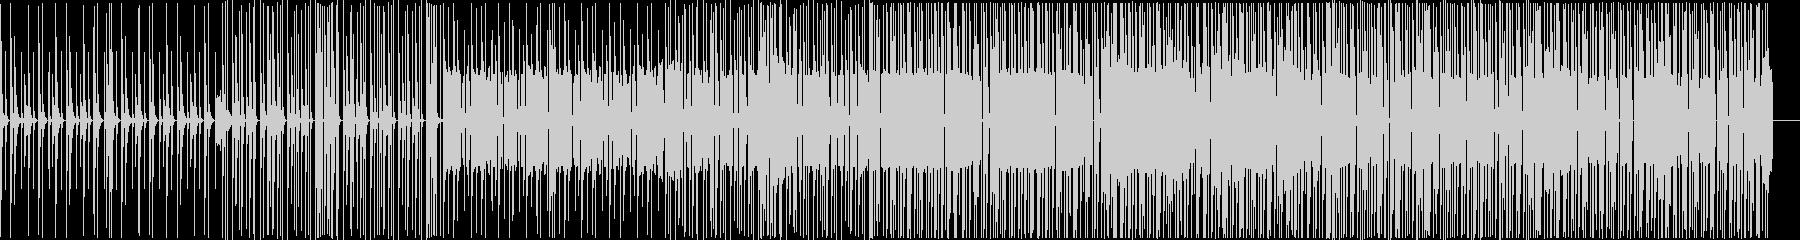 穏やかな曲ですの未再生の波形